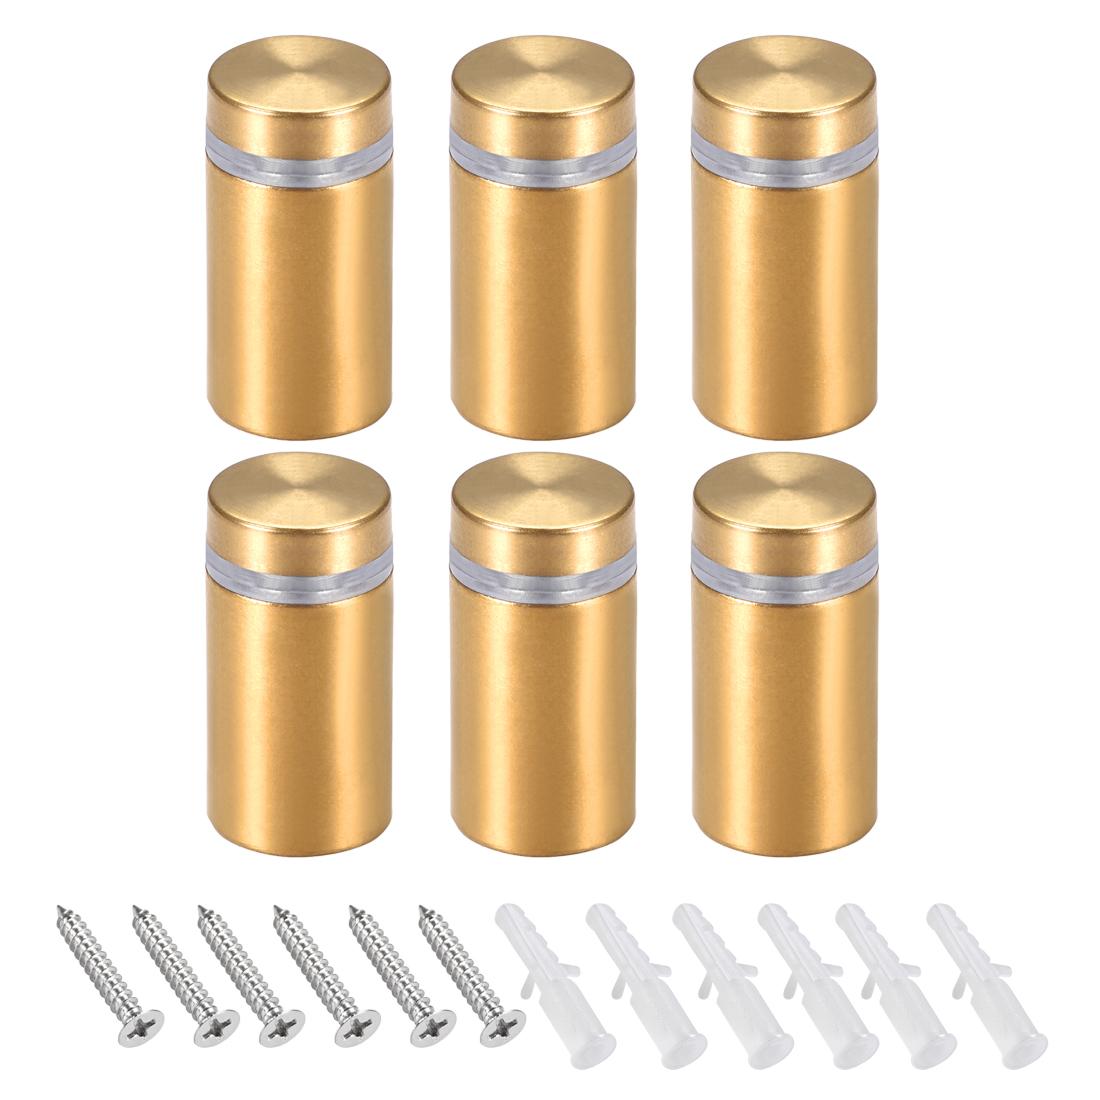 Glass Standoff Mount Wall Standoff Nails 16mm Dia 32mm Length Golden 6 Pcs